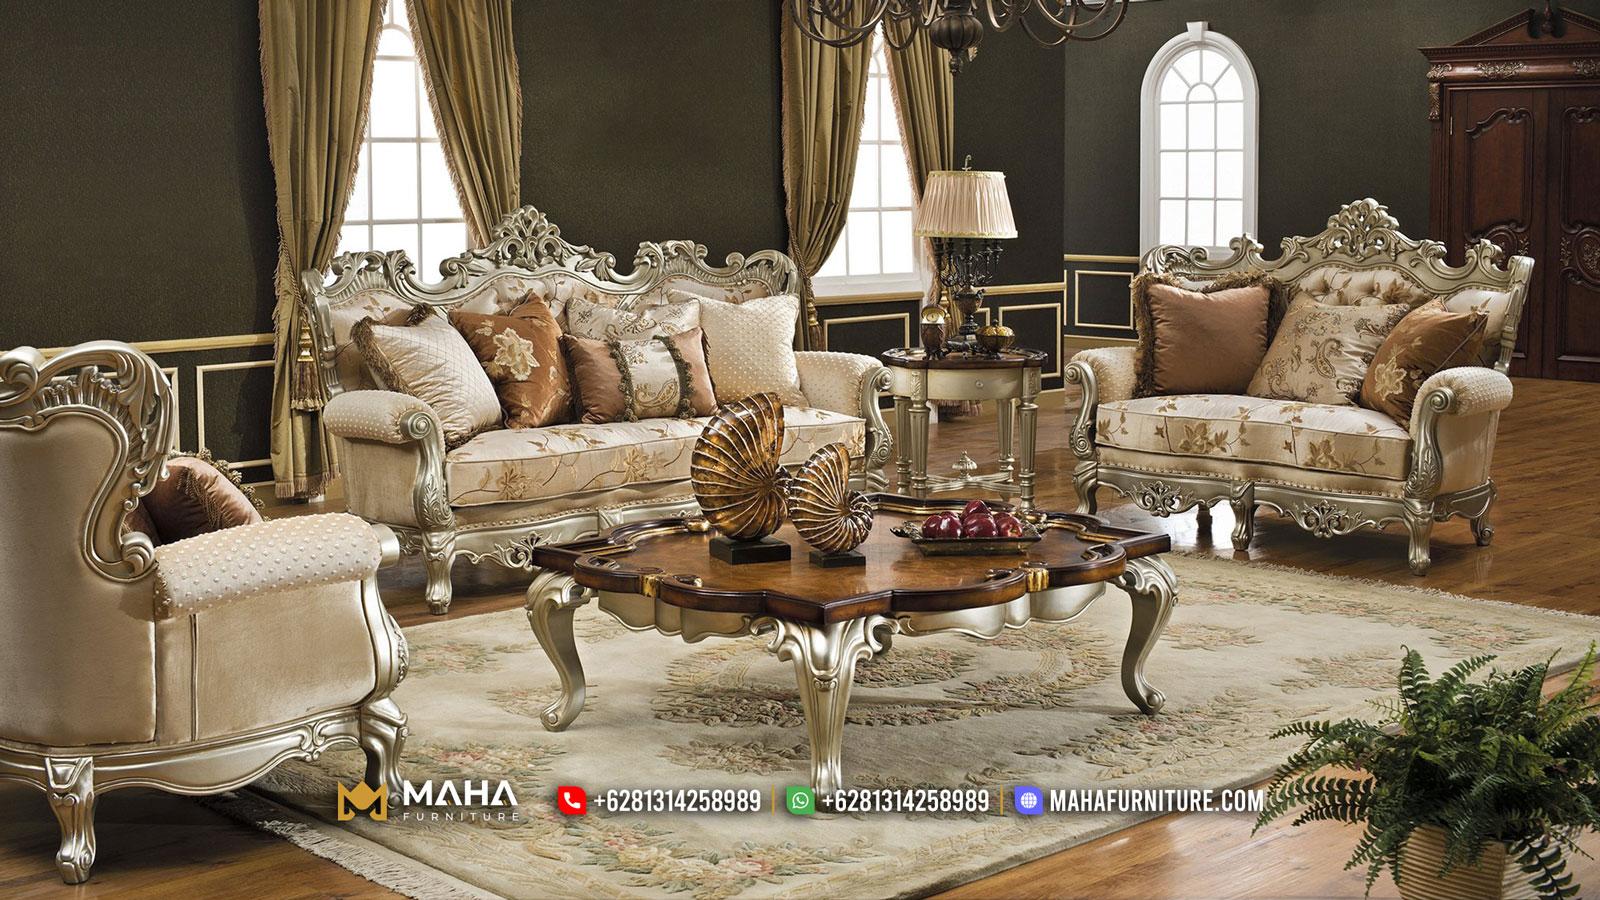 Desain Sofa Ruang Tamu Mewah Luxury Interior Living Room Inspiring MF26